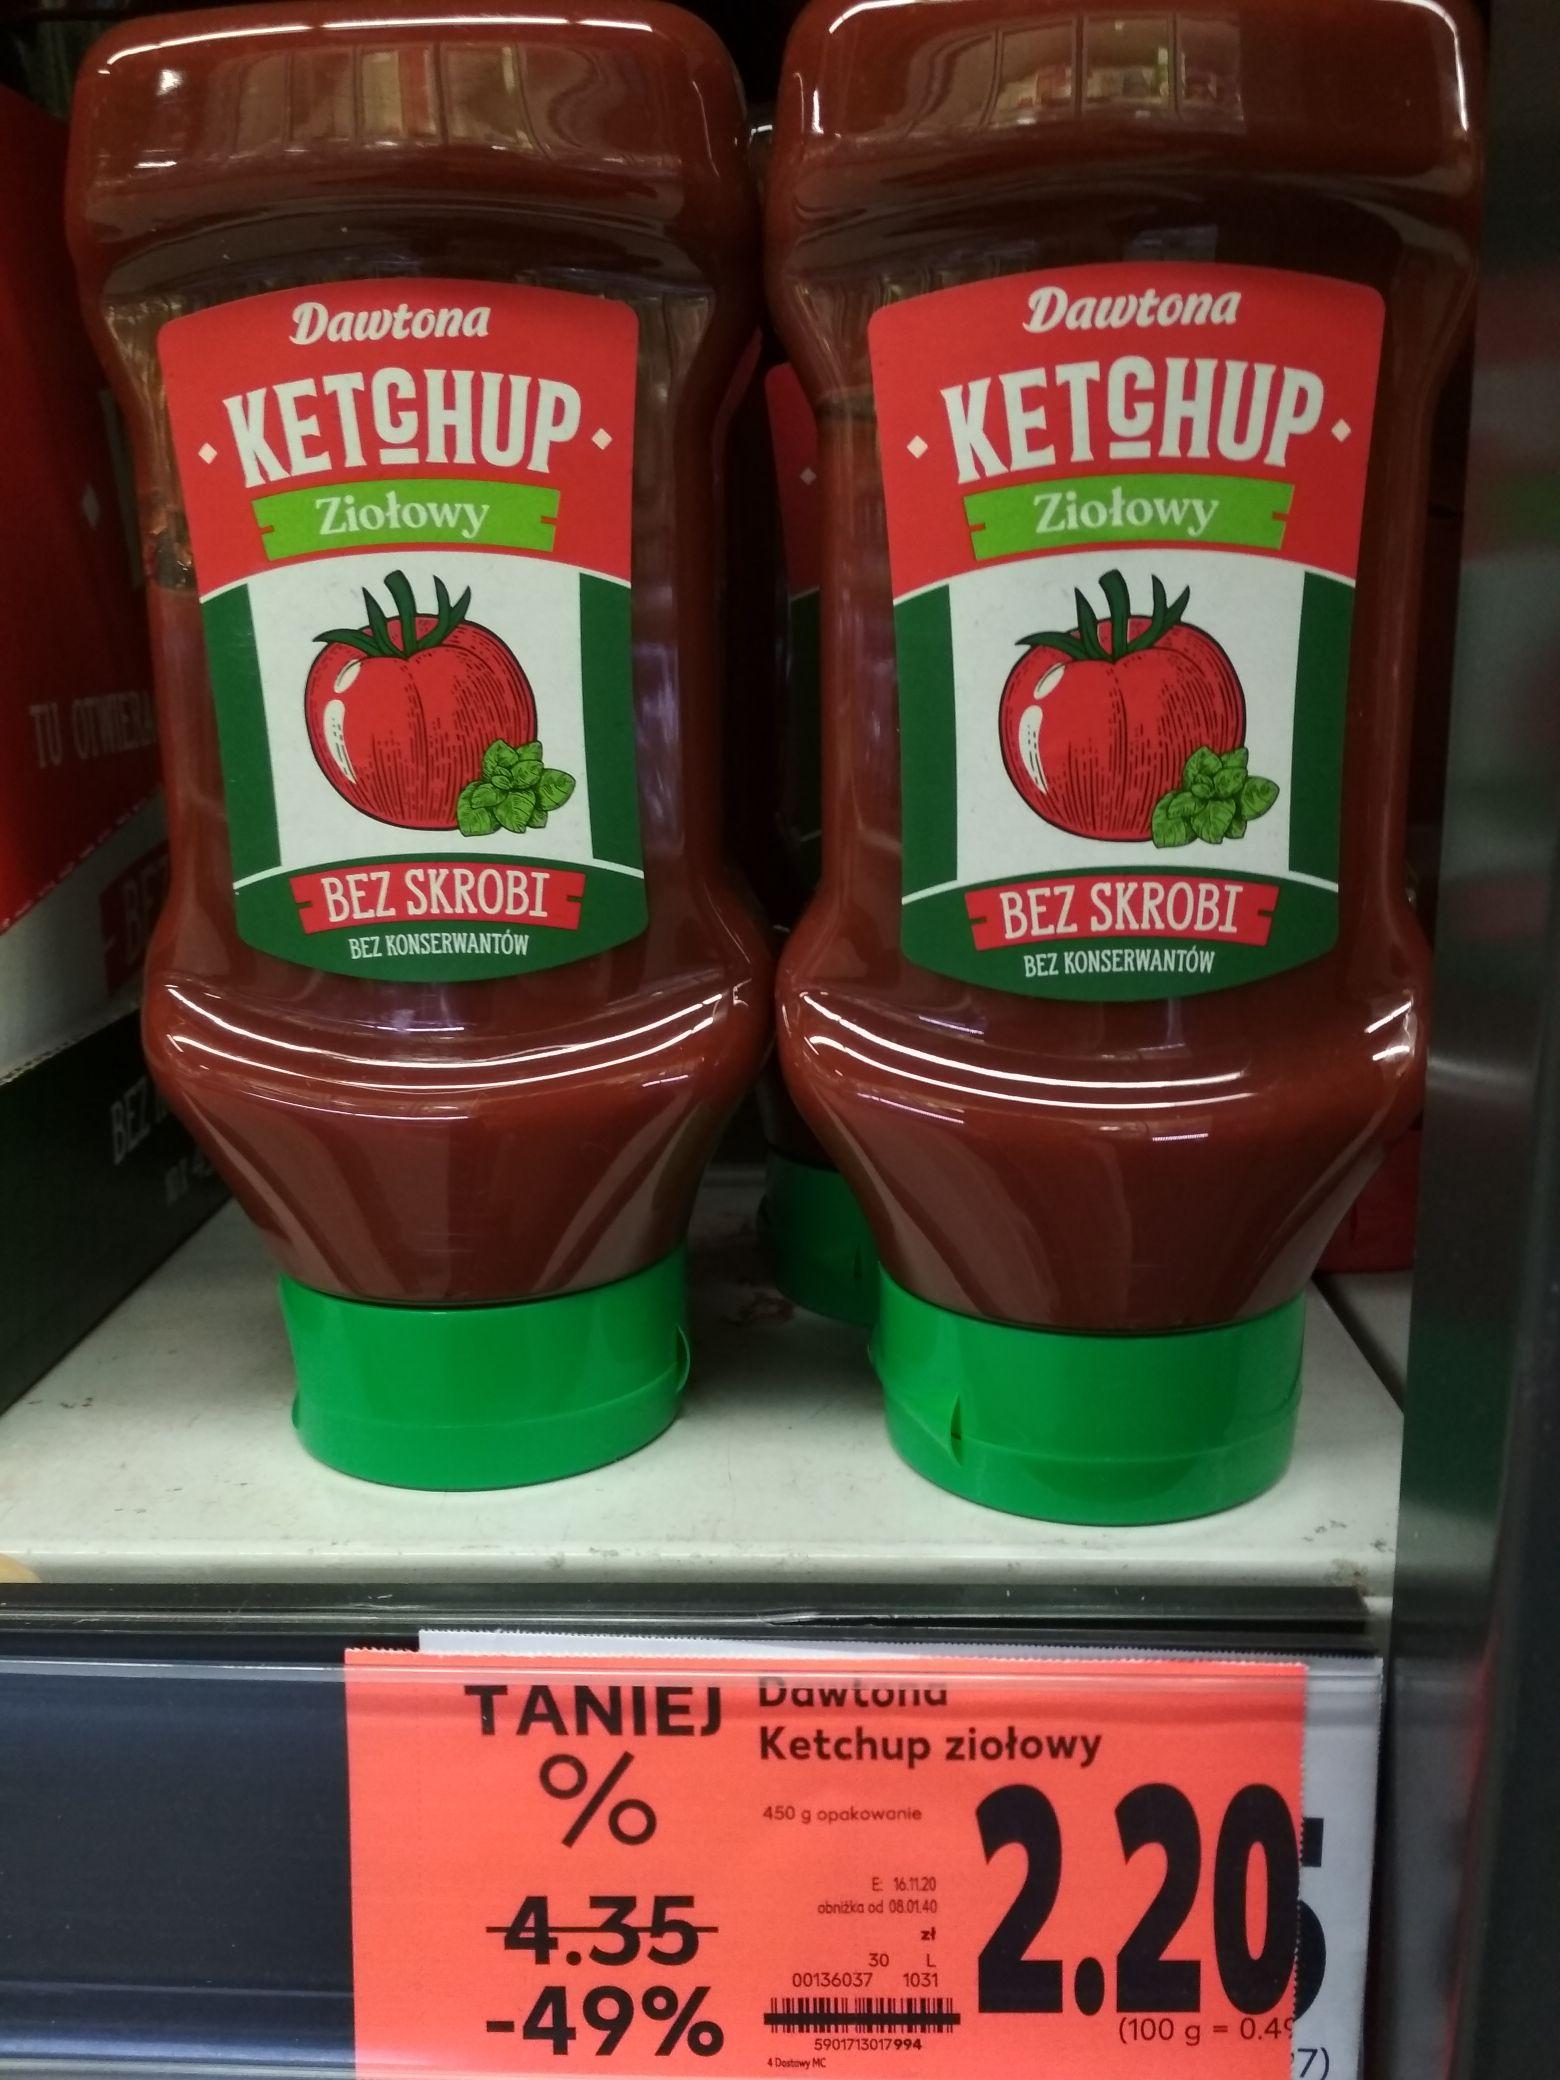 Ketchup Dawtona ziołowy